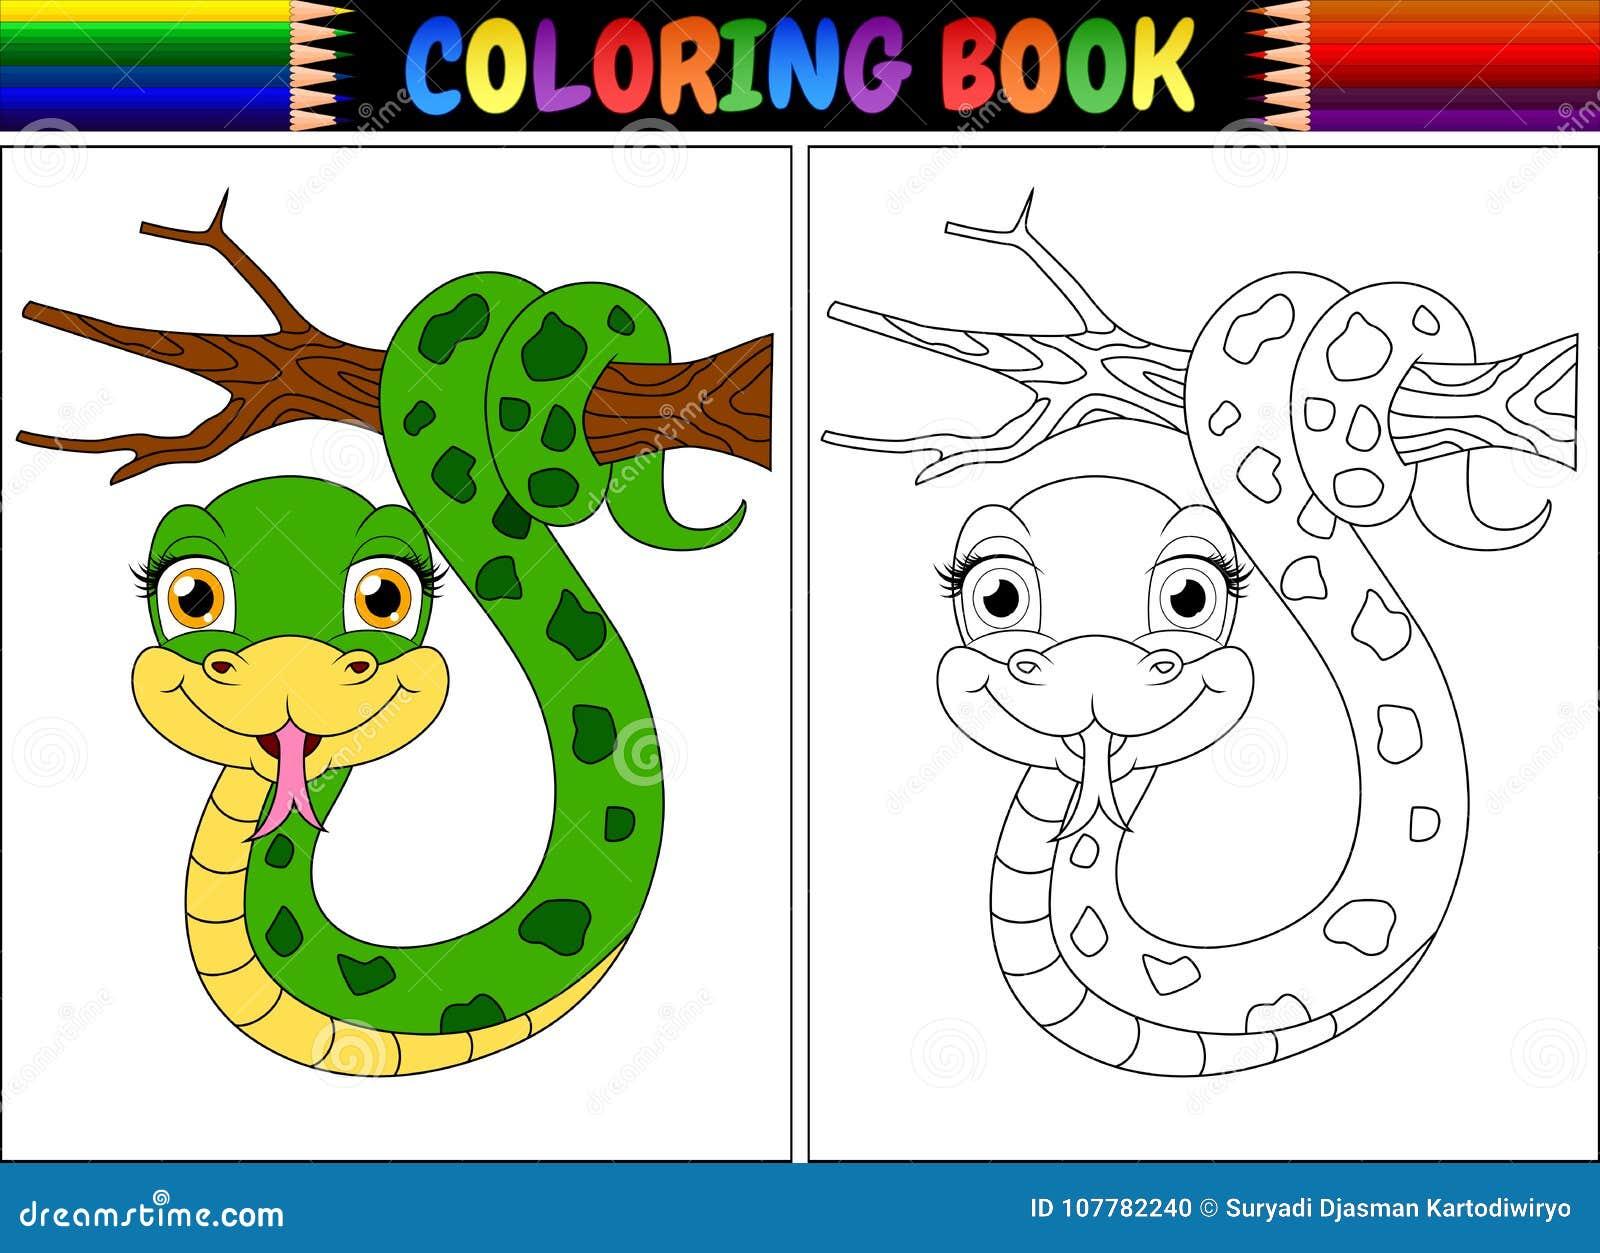 Coloriage Arbre Branche.Livre De Coloriage Avec Le Serpent Mignon Sur La Branche D Arbre